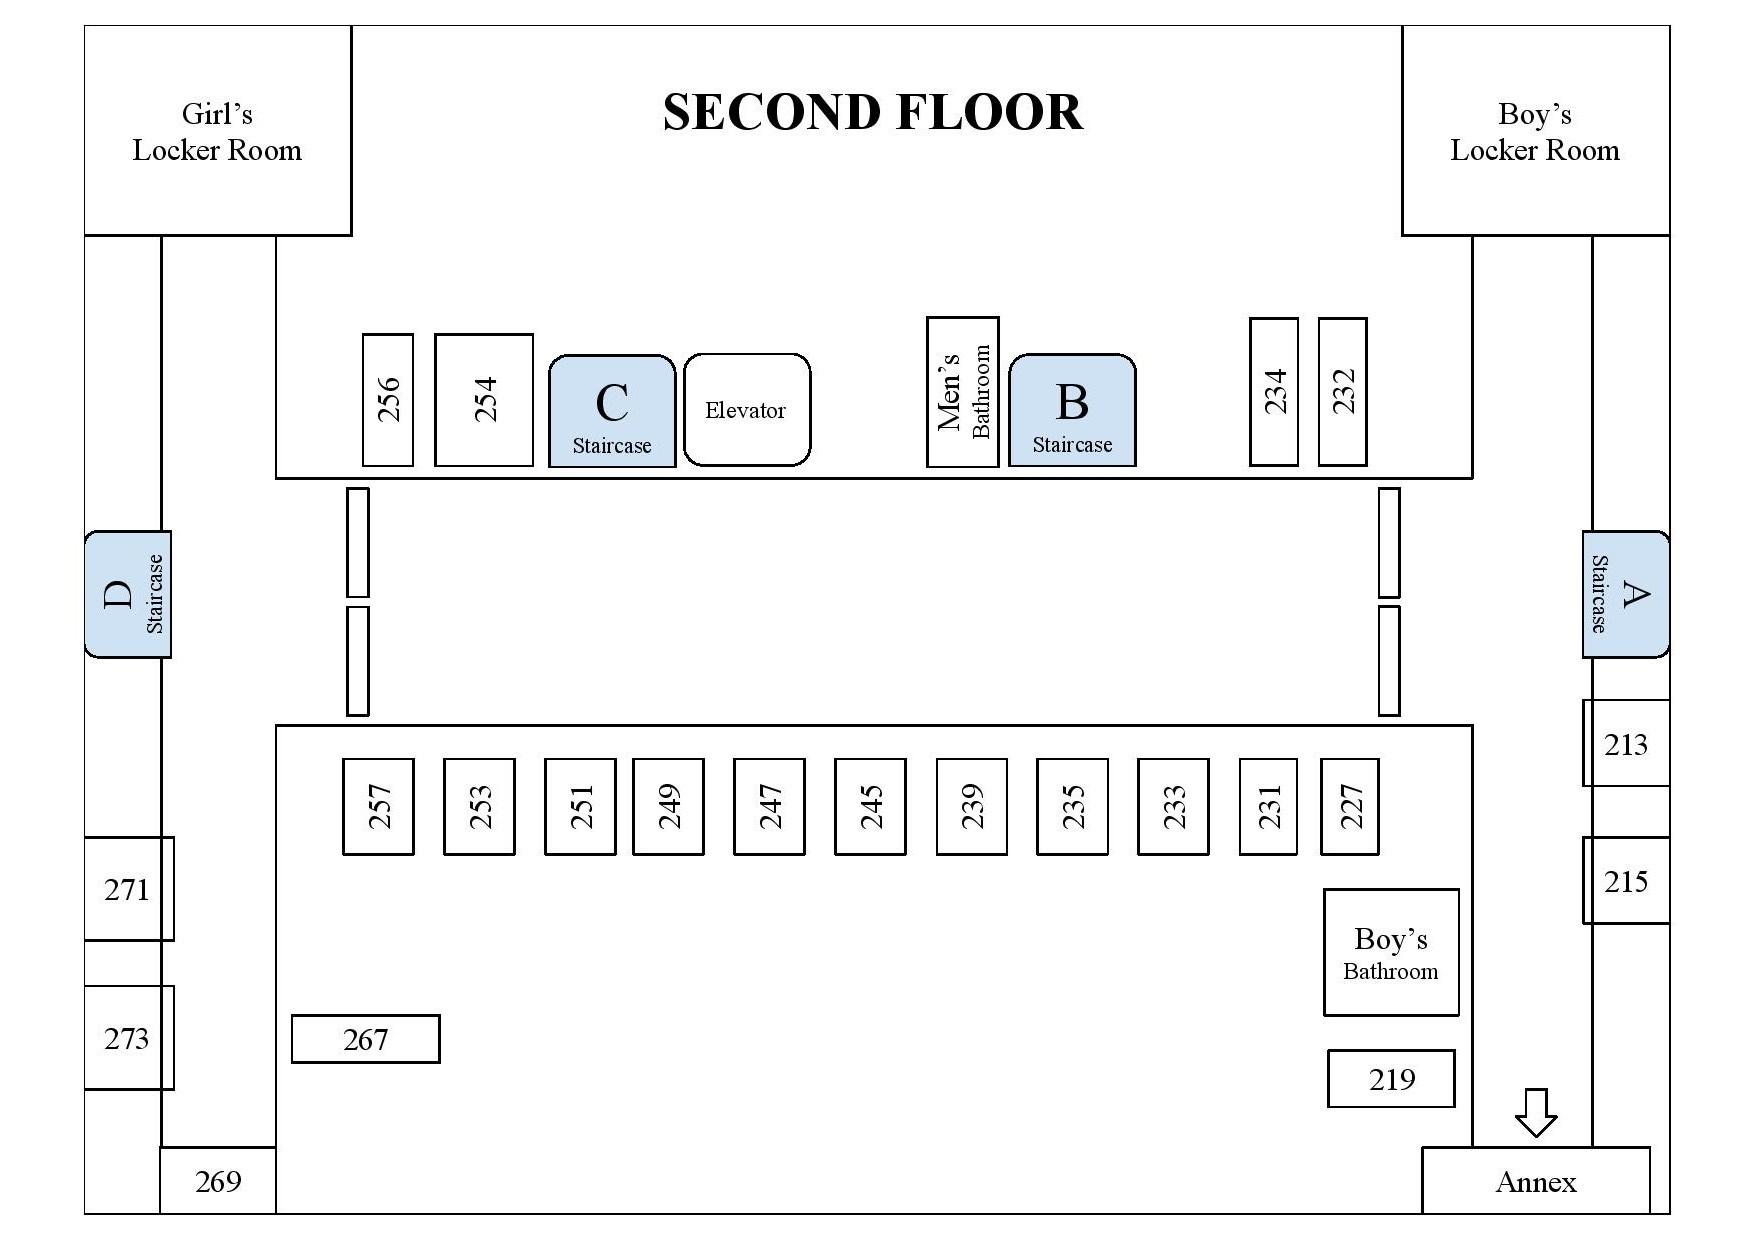 Campus Map- Second Floor